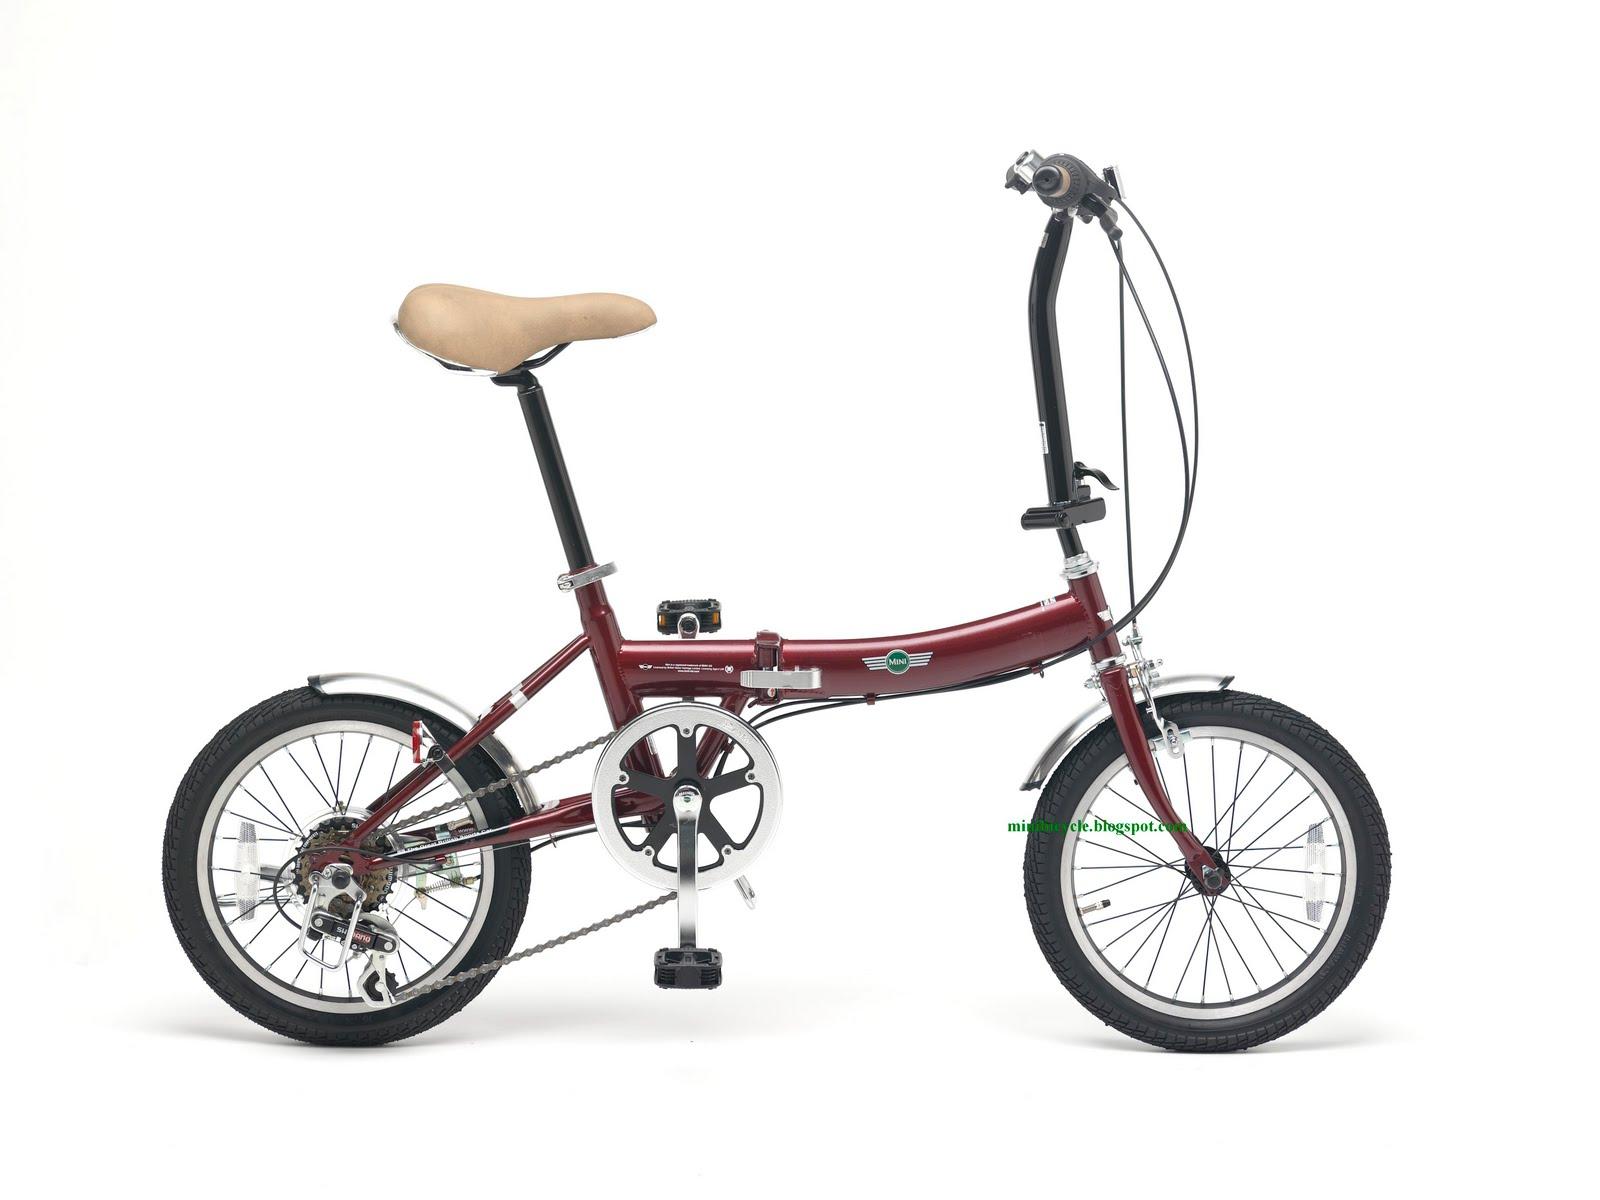 Mini Cooper Bikes Collection Fdb166